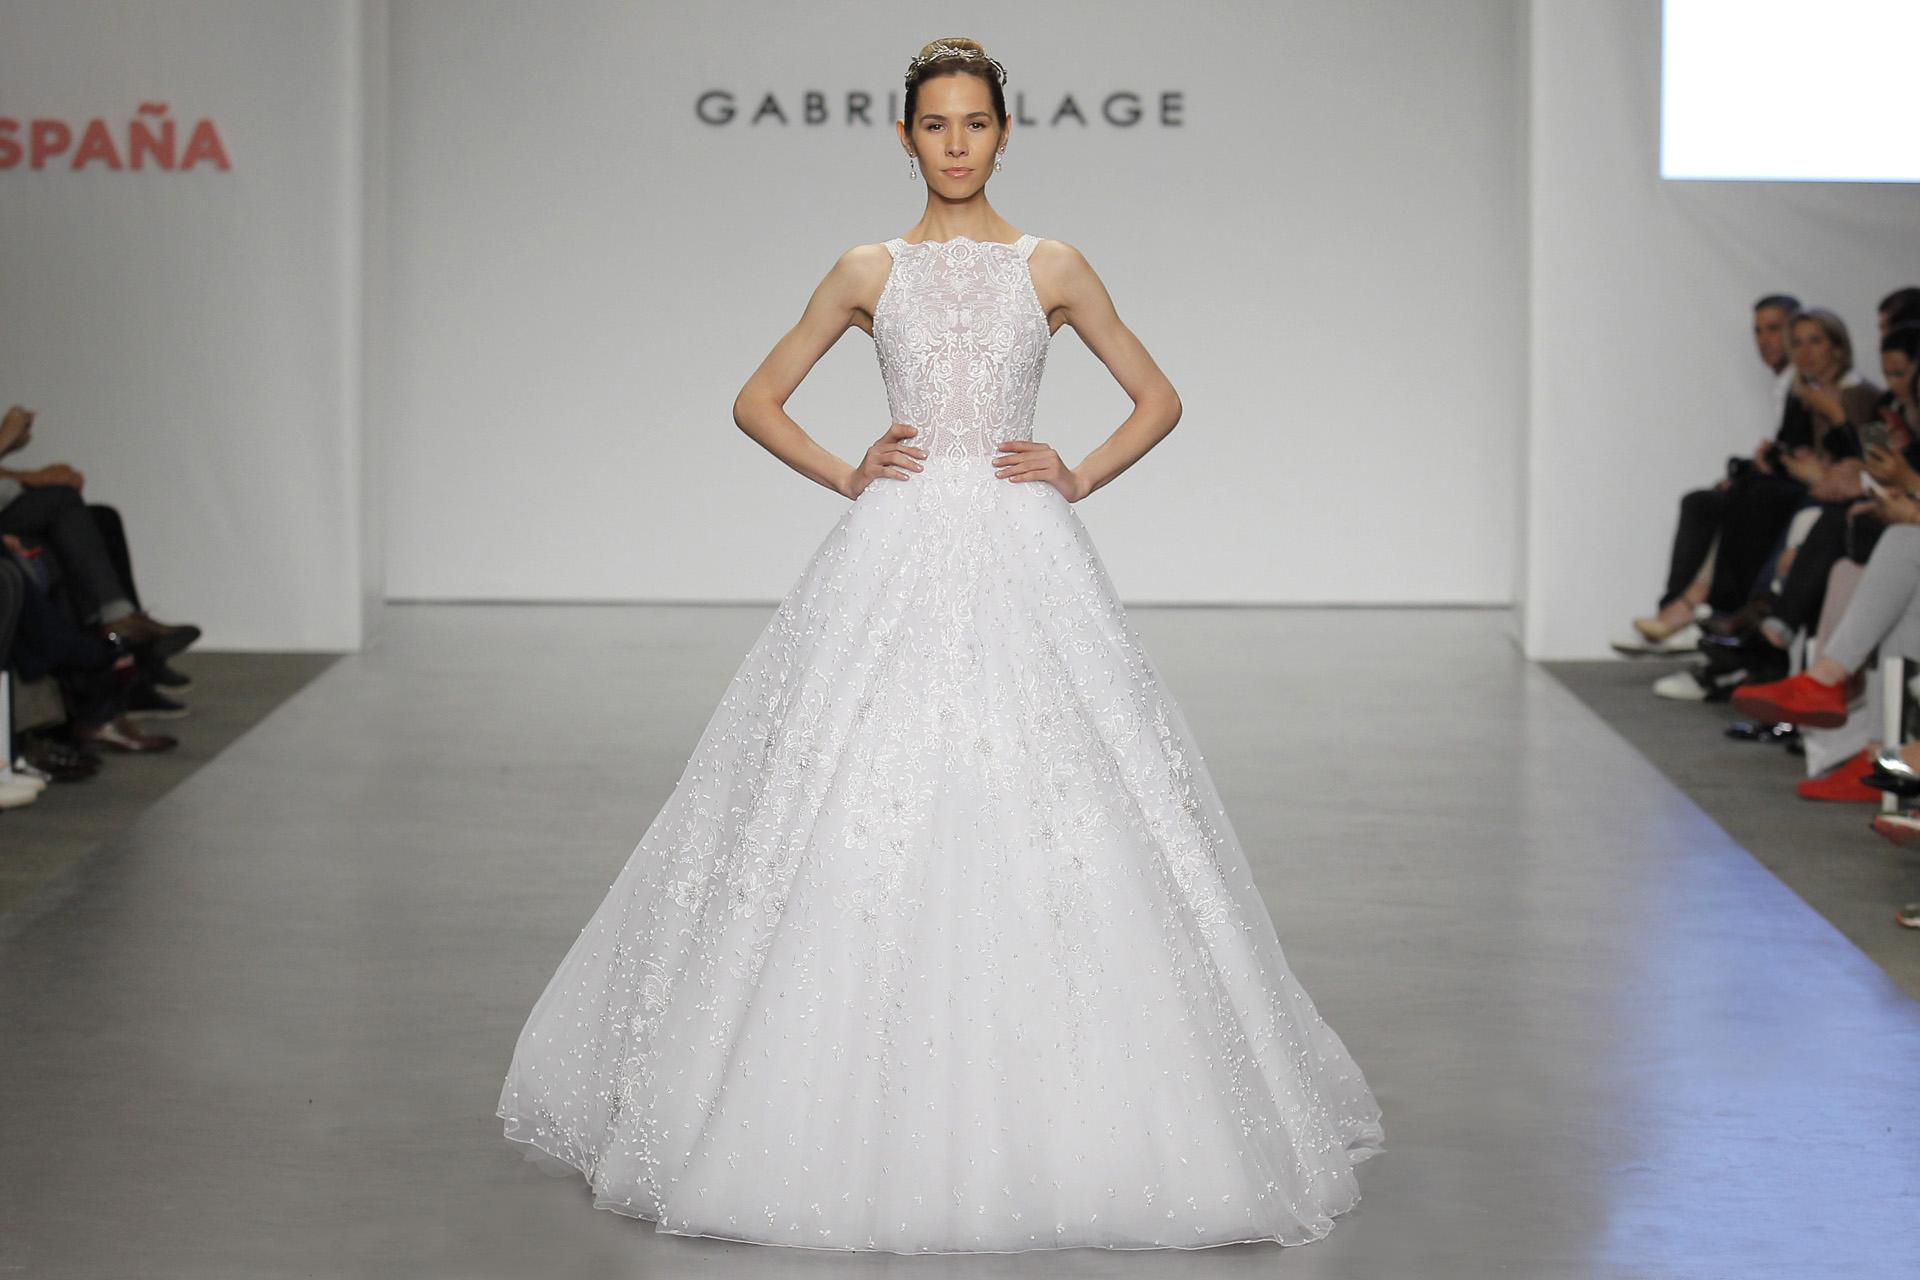 El cierre del majestuoso desfile de Gabriel Lage con una novia estilo princesa